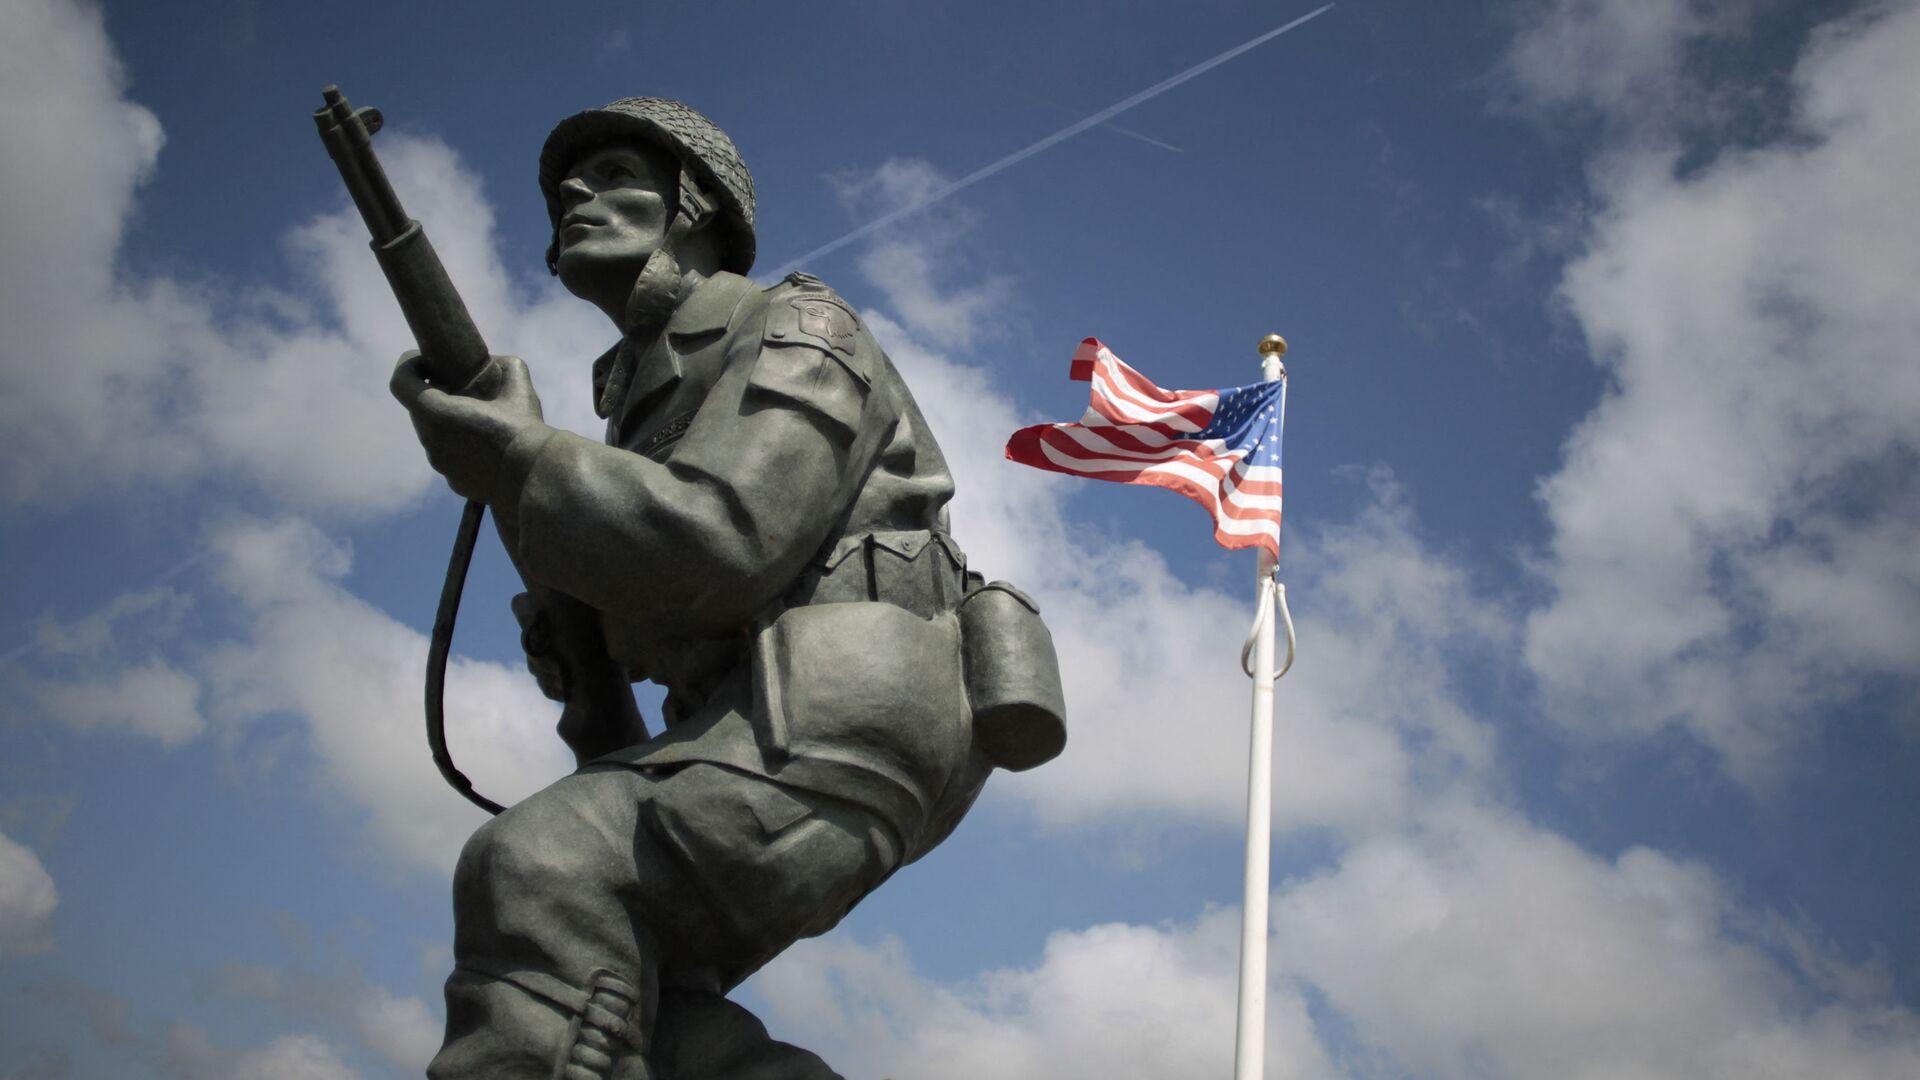 На этом снимке, сделанном 31 мая 2014 года, изображена статуя американского солдата рядом с американским флагом у Мемориала Брюшевиля на северо-западе Франции. - Sputnik Абхазия, 1920, 11.09.2021